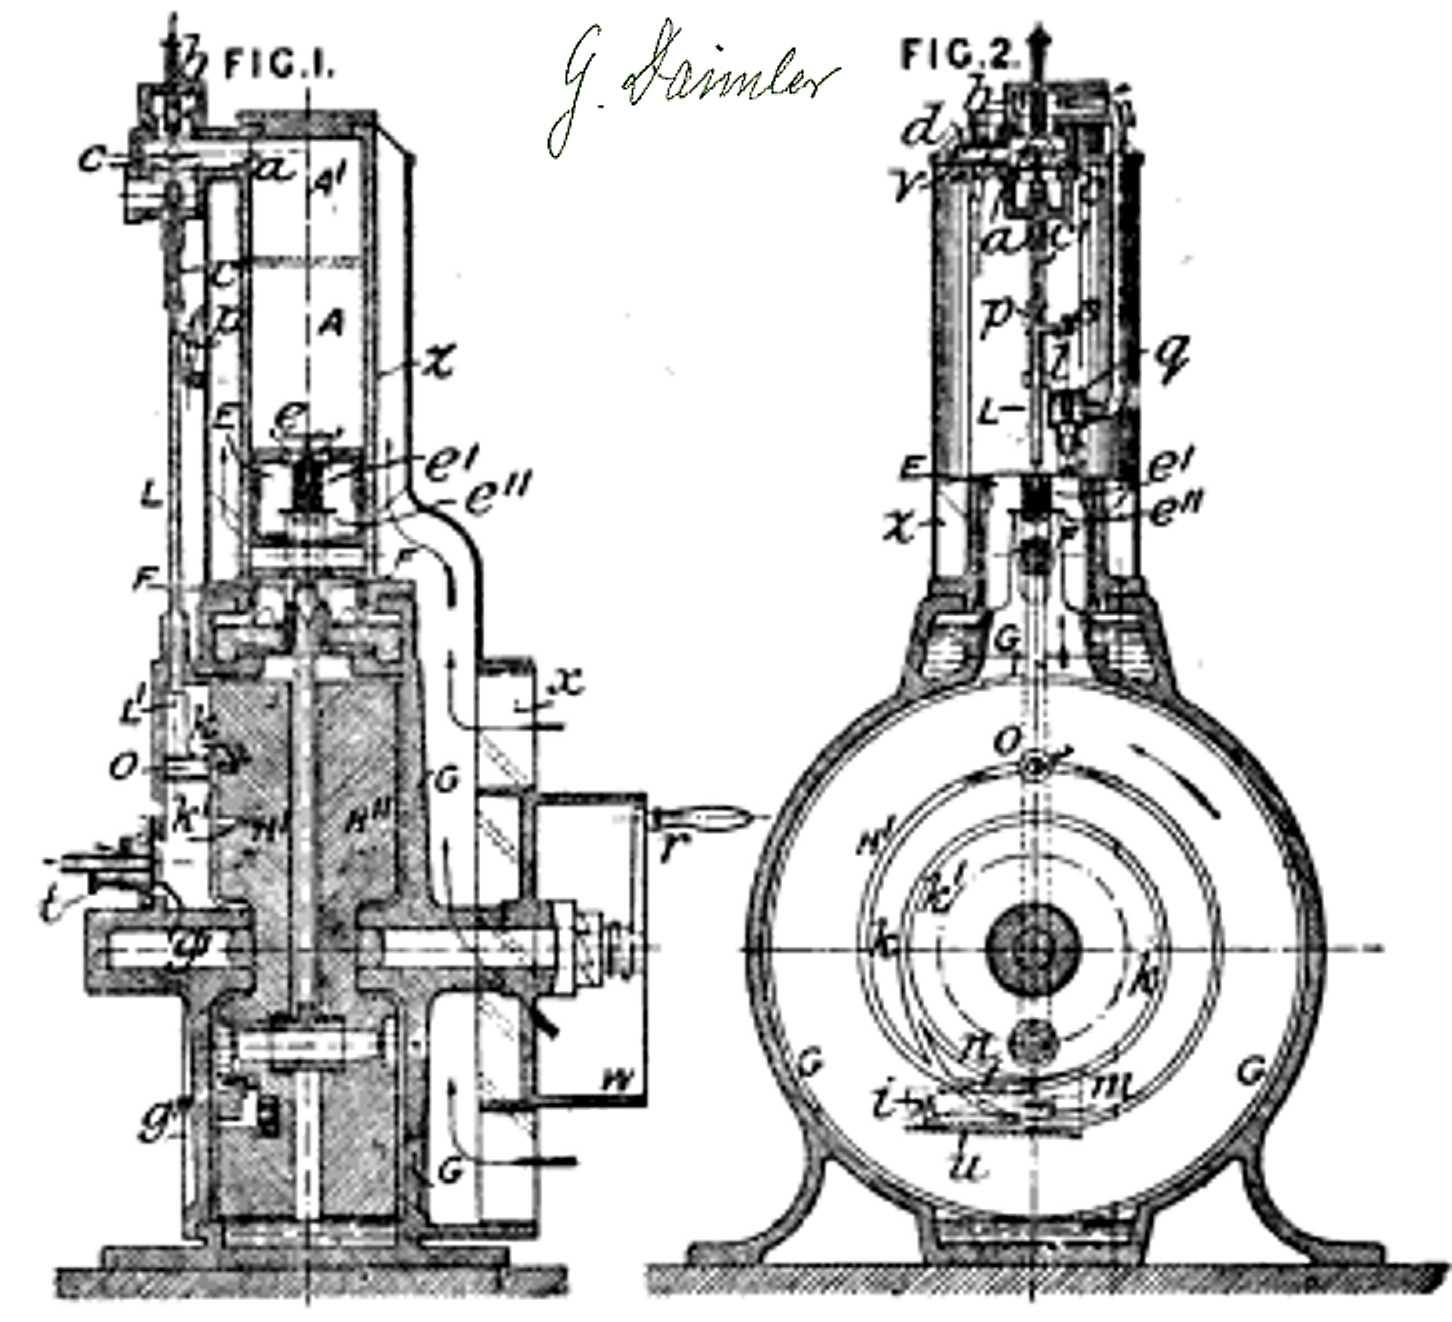 Gottlieb Wilhelm Daimler